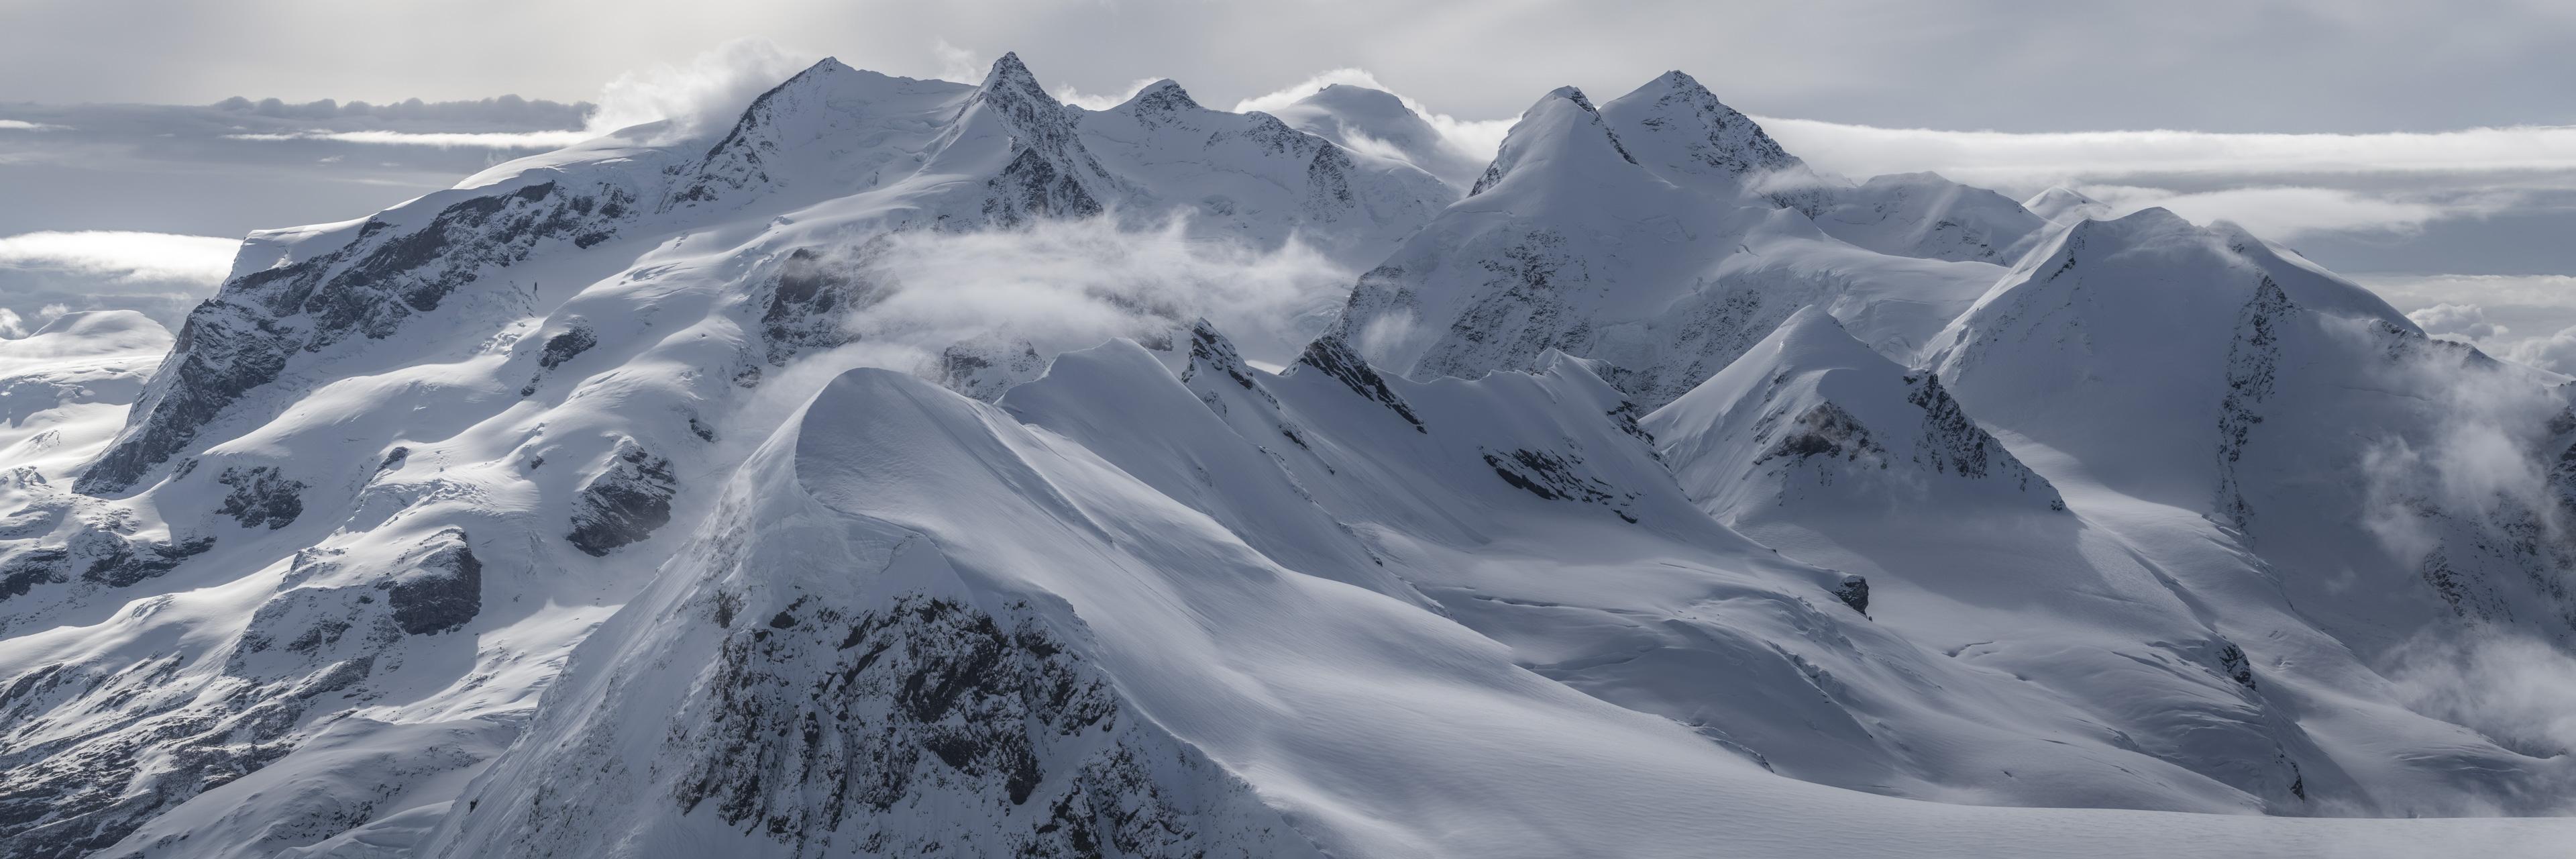 Massif du mont rose Monte Rosa - poster panoramique montagne noir et blanc - Breithorn, Castor, Pollux et Lyskamm